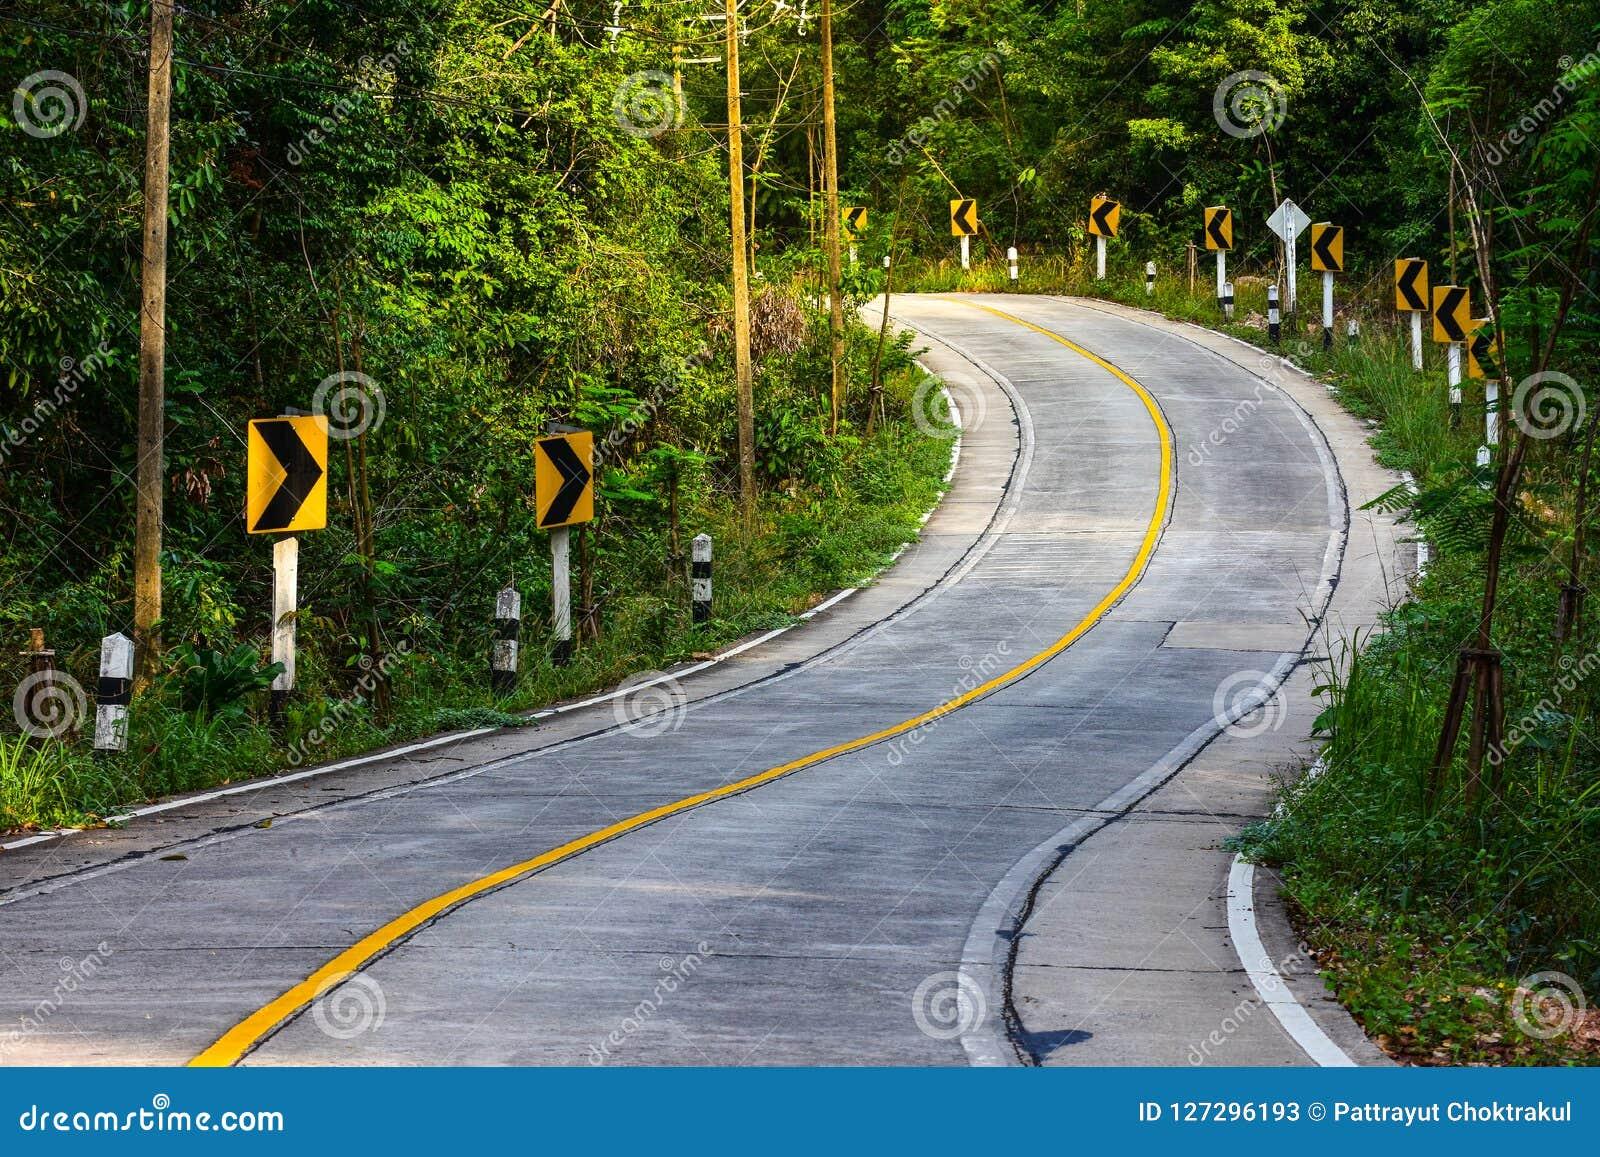 山路视图在泰国,曲线路